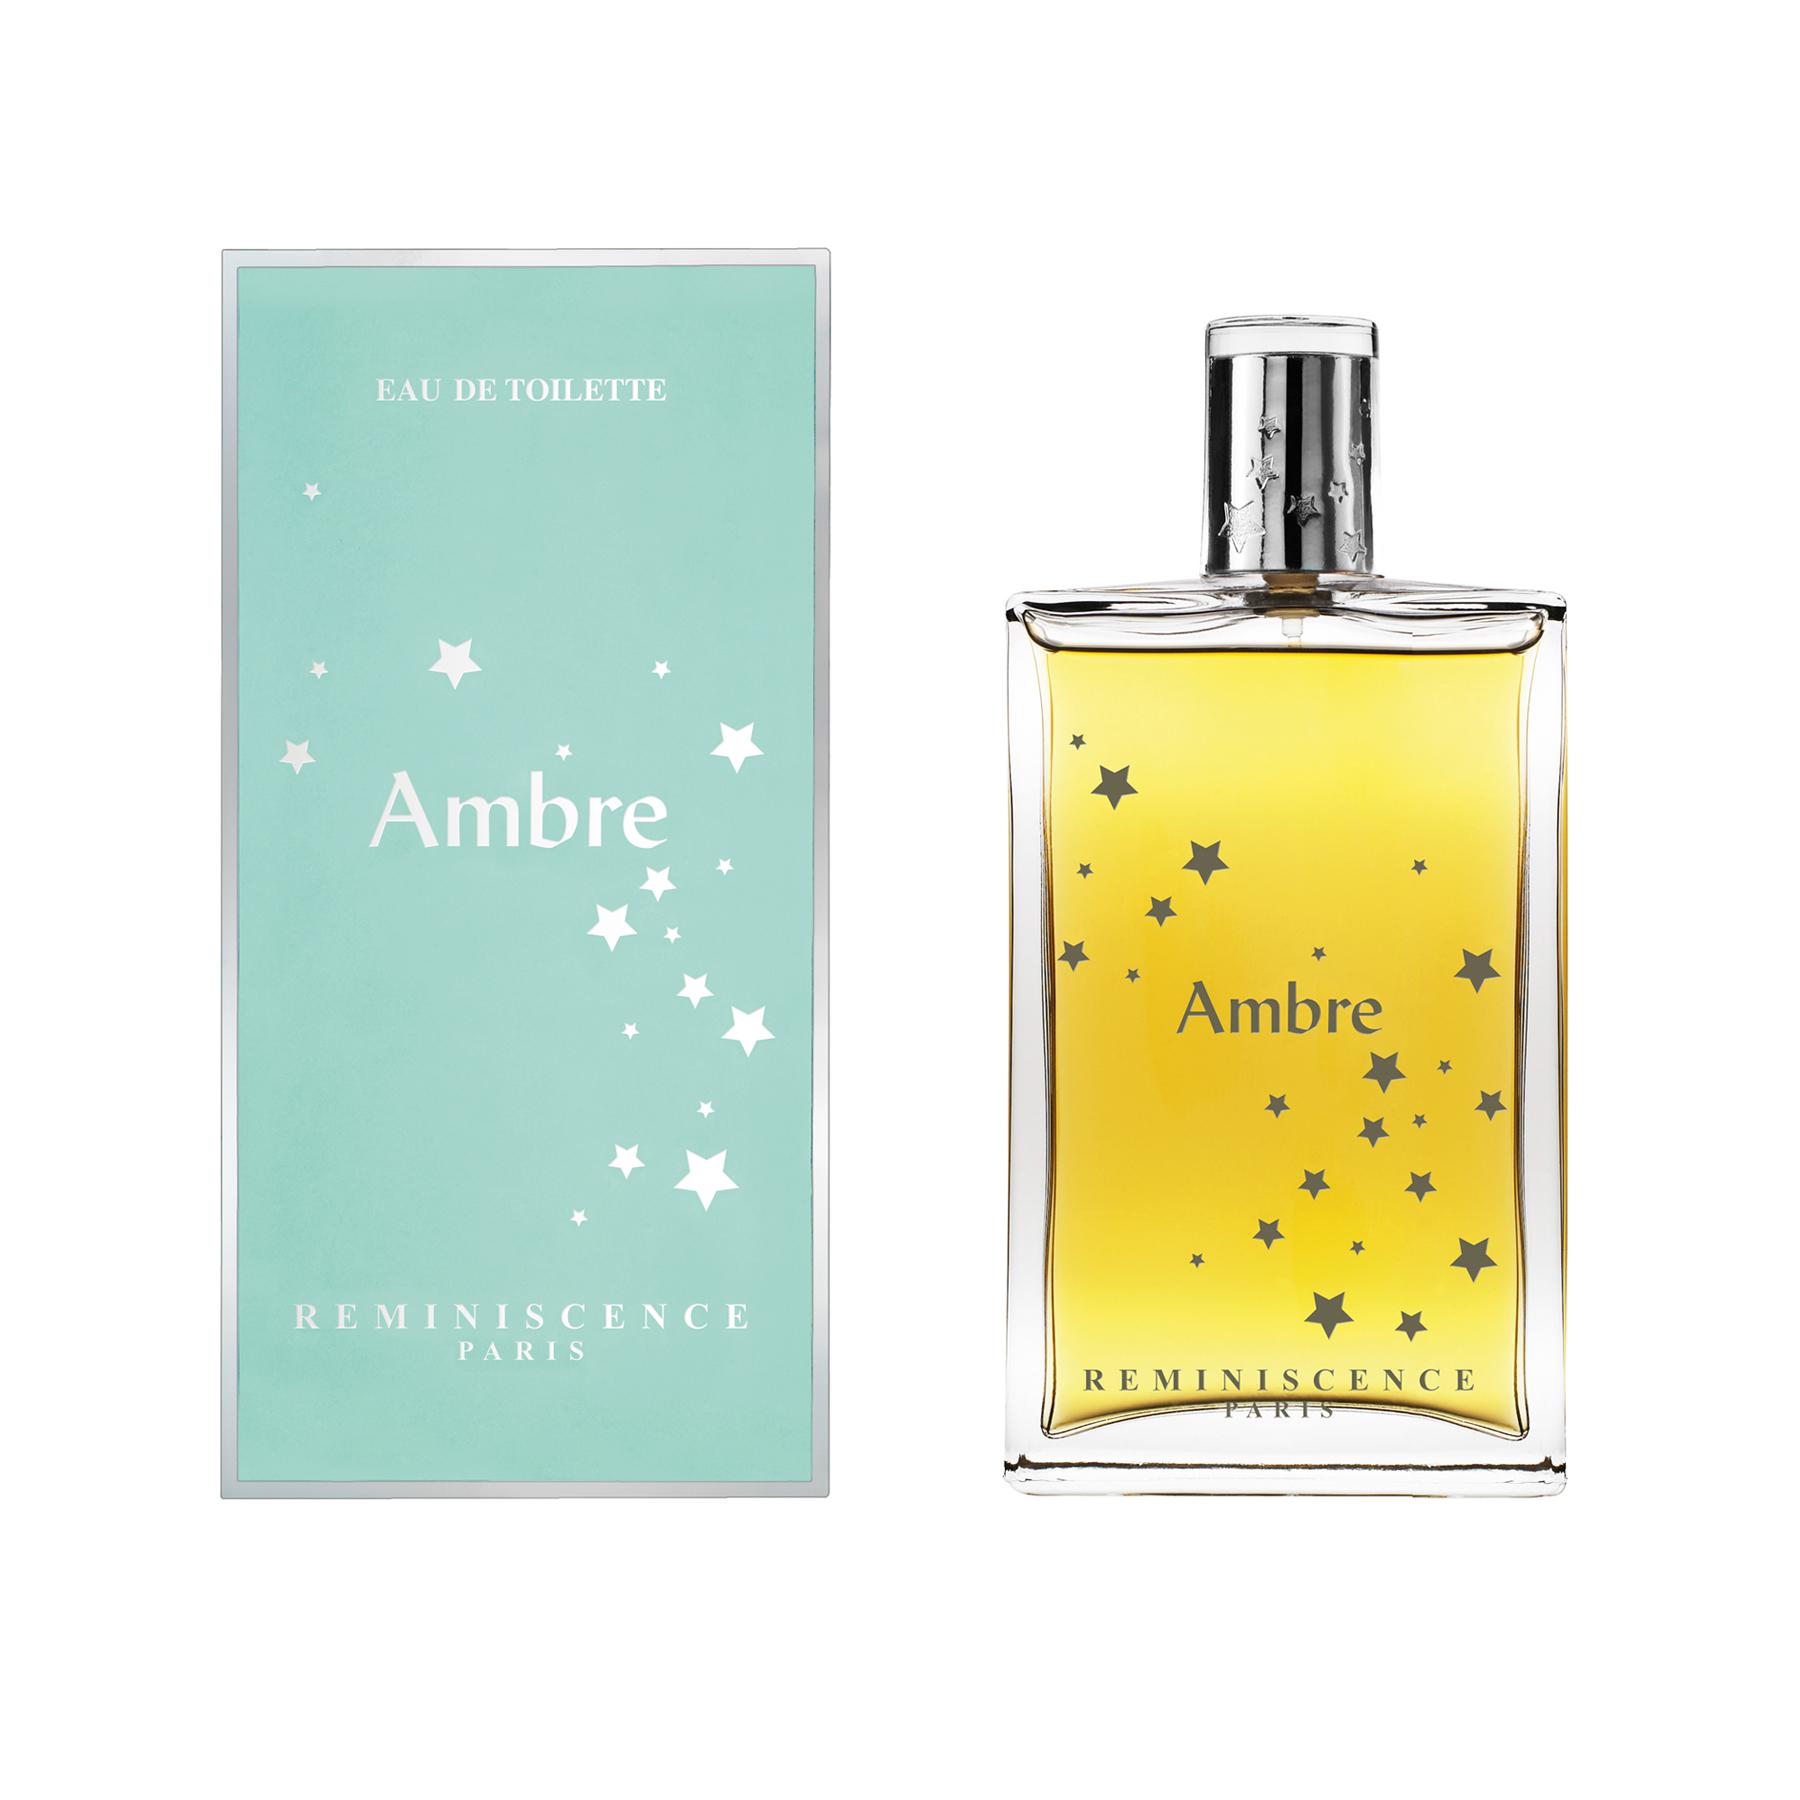 Ambre Pas Cher Parfum Ambre Parfum Reminiscence clF1JK3Tu5